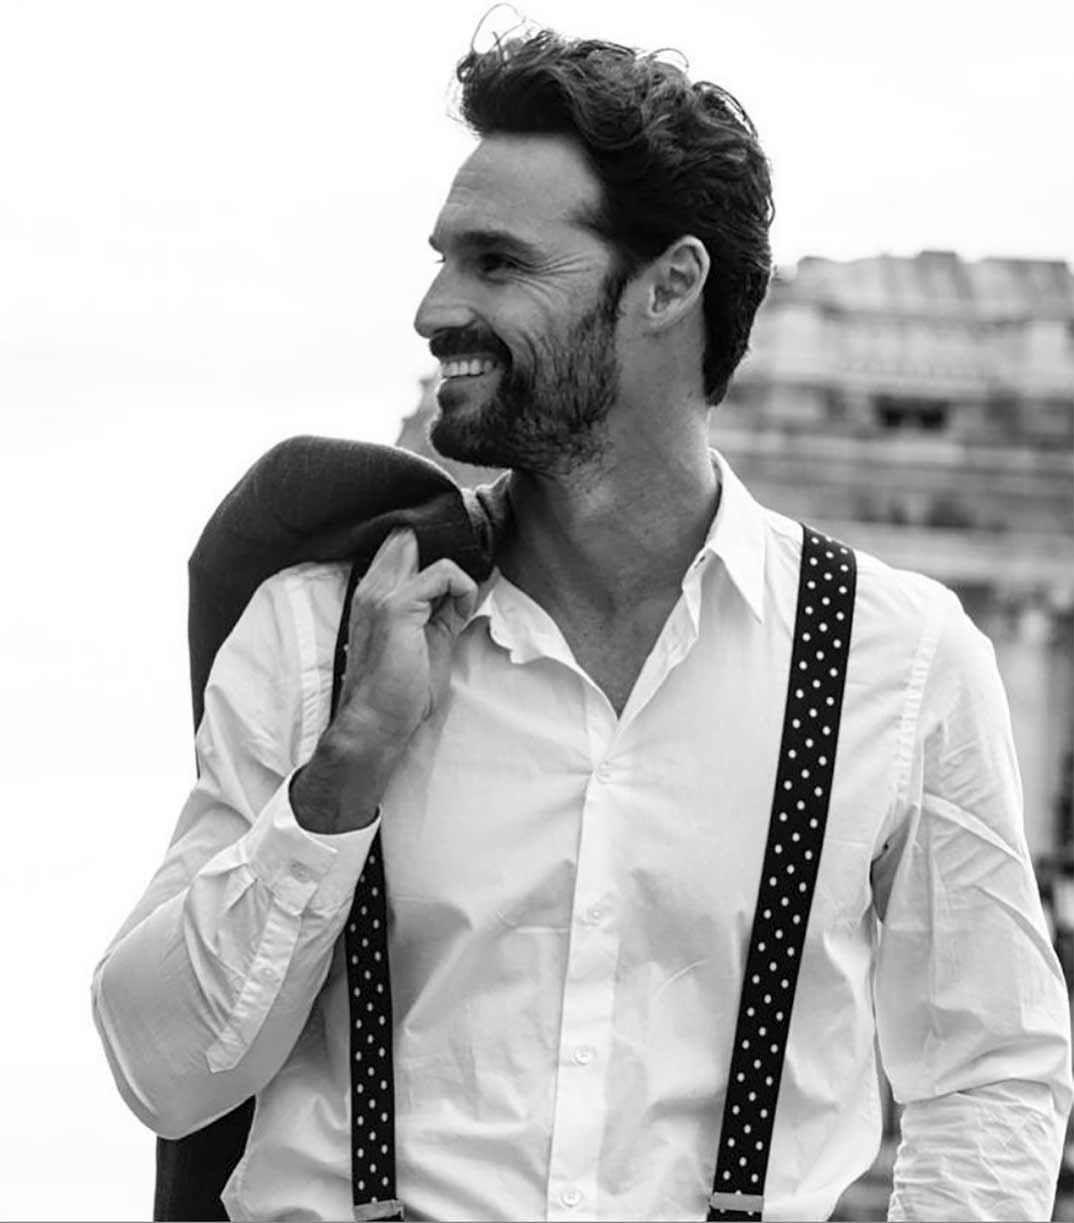 Iván Sánchez © Instagram